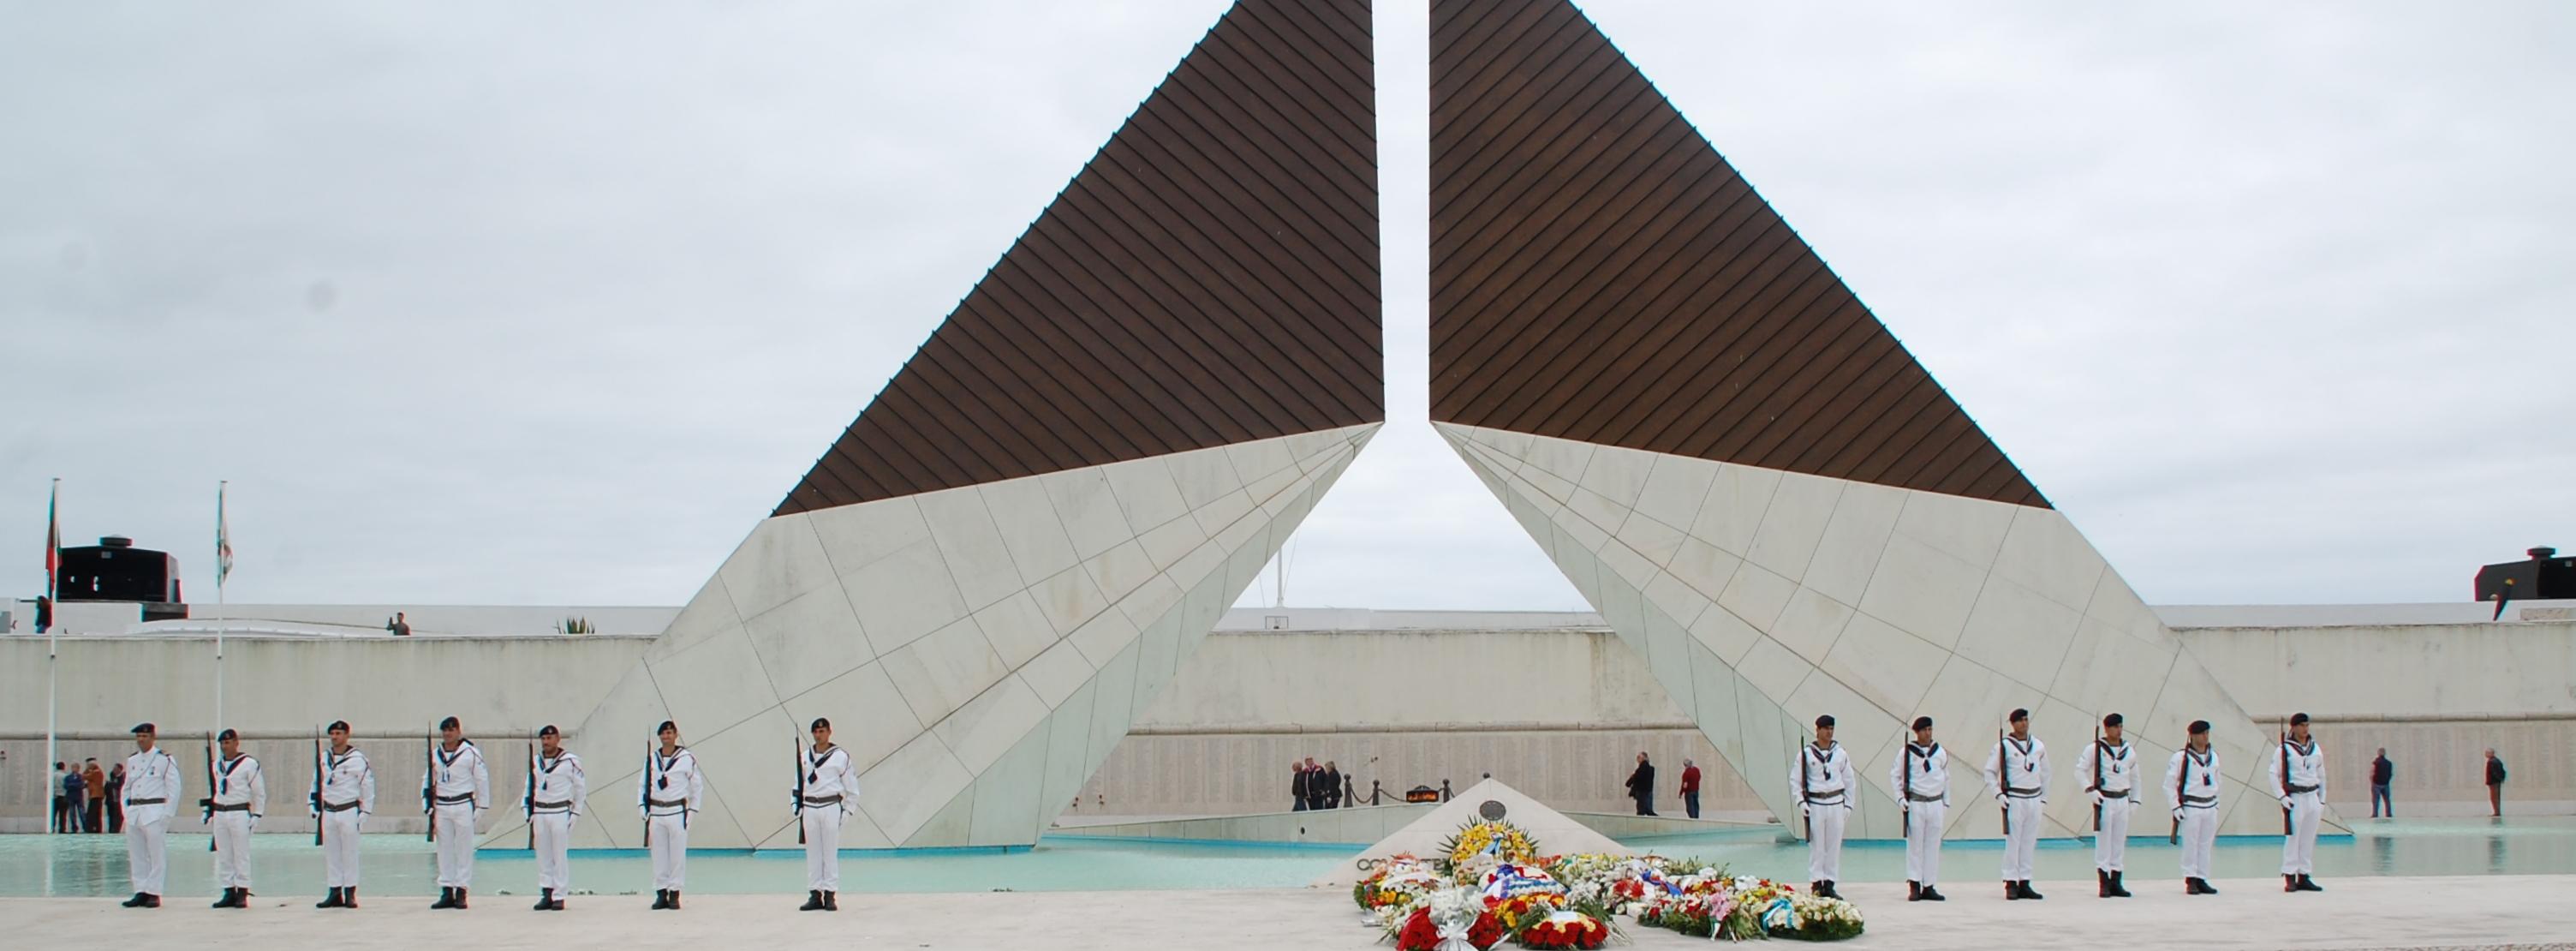 Comemorações do 10 de junho em Lisboa